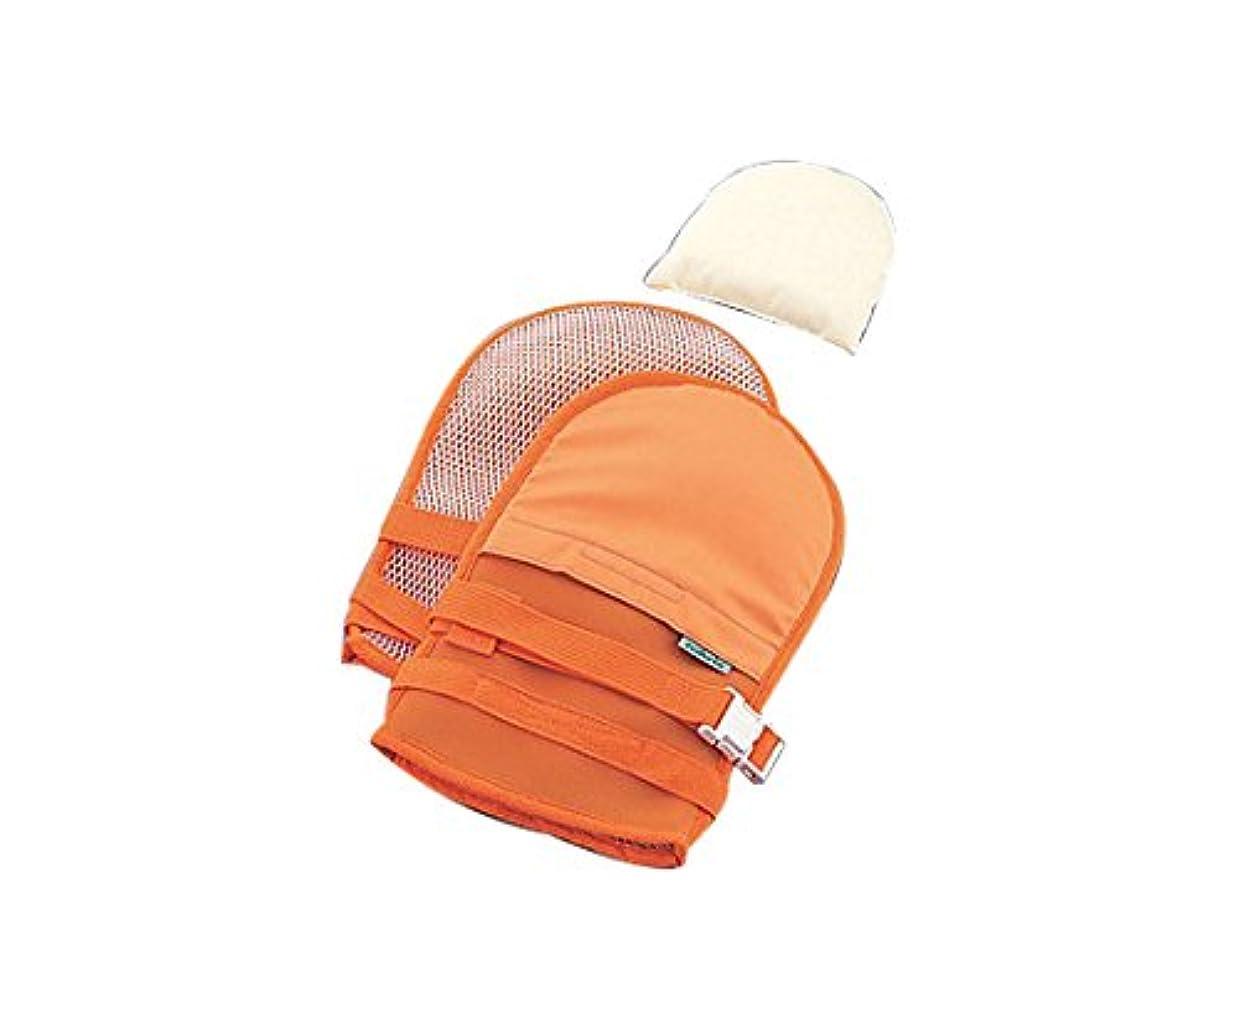 苦味天才マインドフルナビス(アズワン)0-1638-41抜管防止手袋大メッシュオレンジ